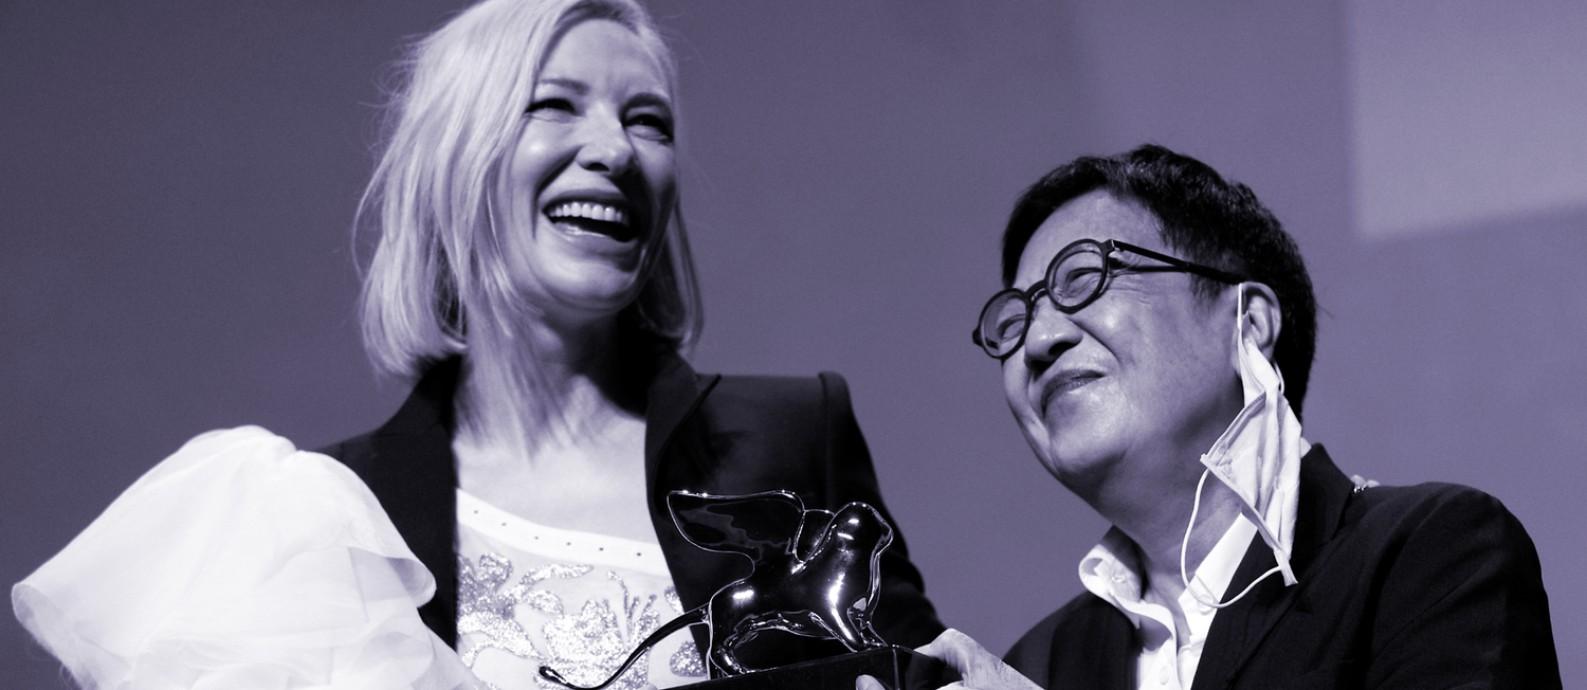 A atriz Cate Blanchett, que preside o júri do 77º Festival de Cinema de Veneza, entrega o prêmio Leão de Ouro pelo conjunto da obra à diretora Ann Hui, de Honk Kong. A atriz Tilda Swinton também foi premiada na categoria Foto: AFP